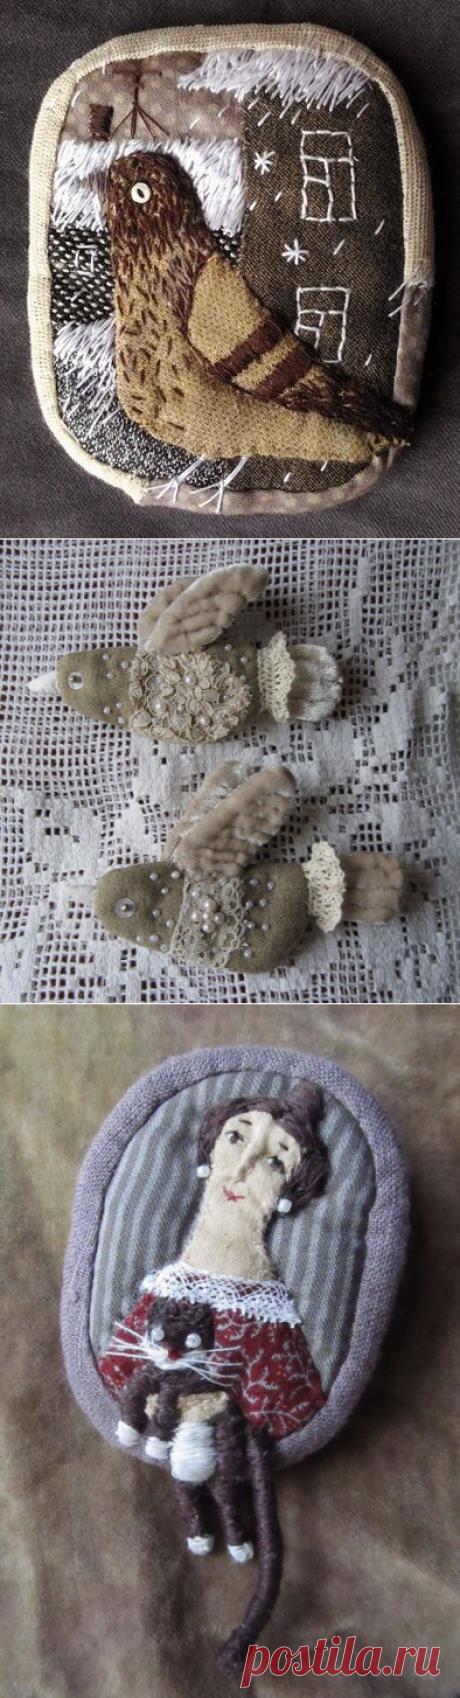 Текстильные броши Елены Пинталь